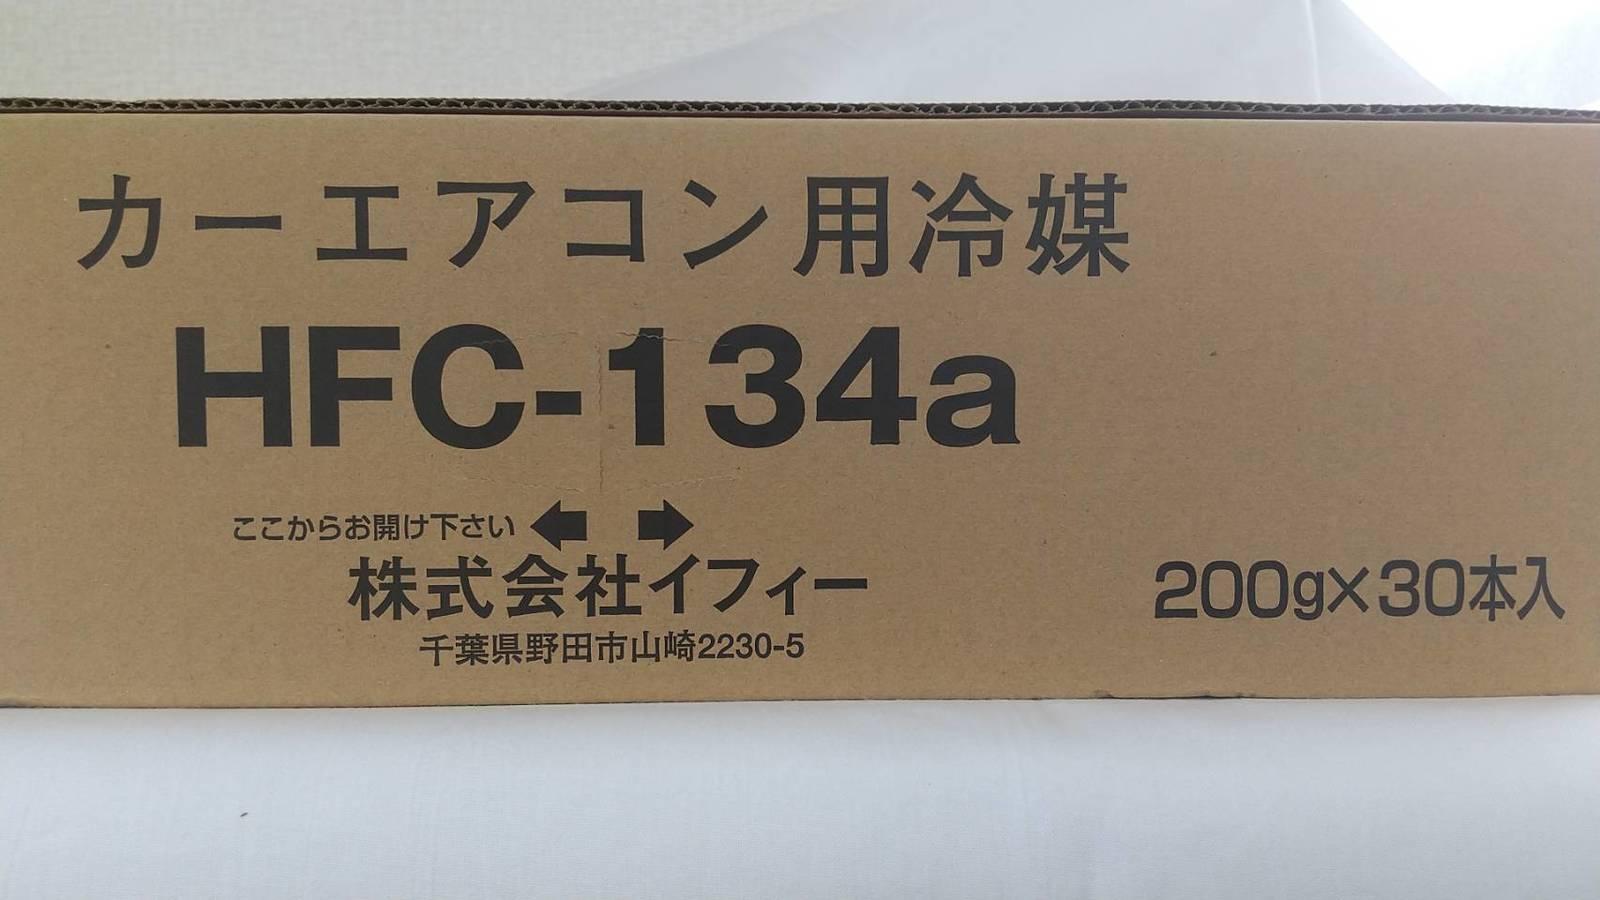 イフィー≪カーエアコン用冷媒 1ケース》1本200g 30個売【HFC-134a】新品 送料無料(一部のエリアを除く)